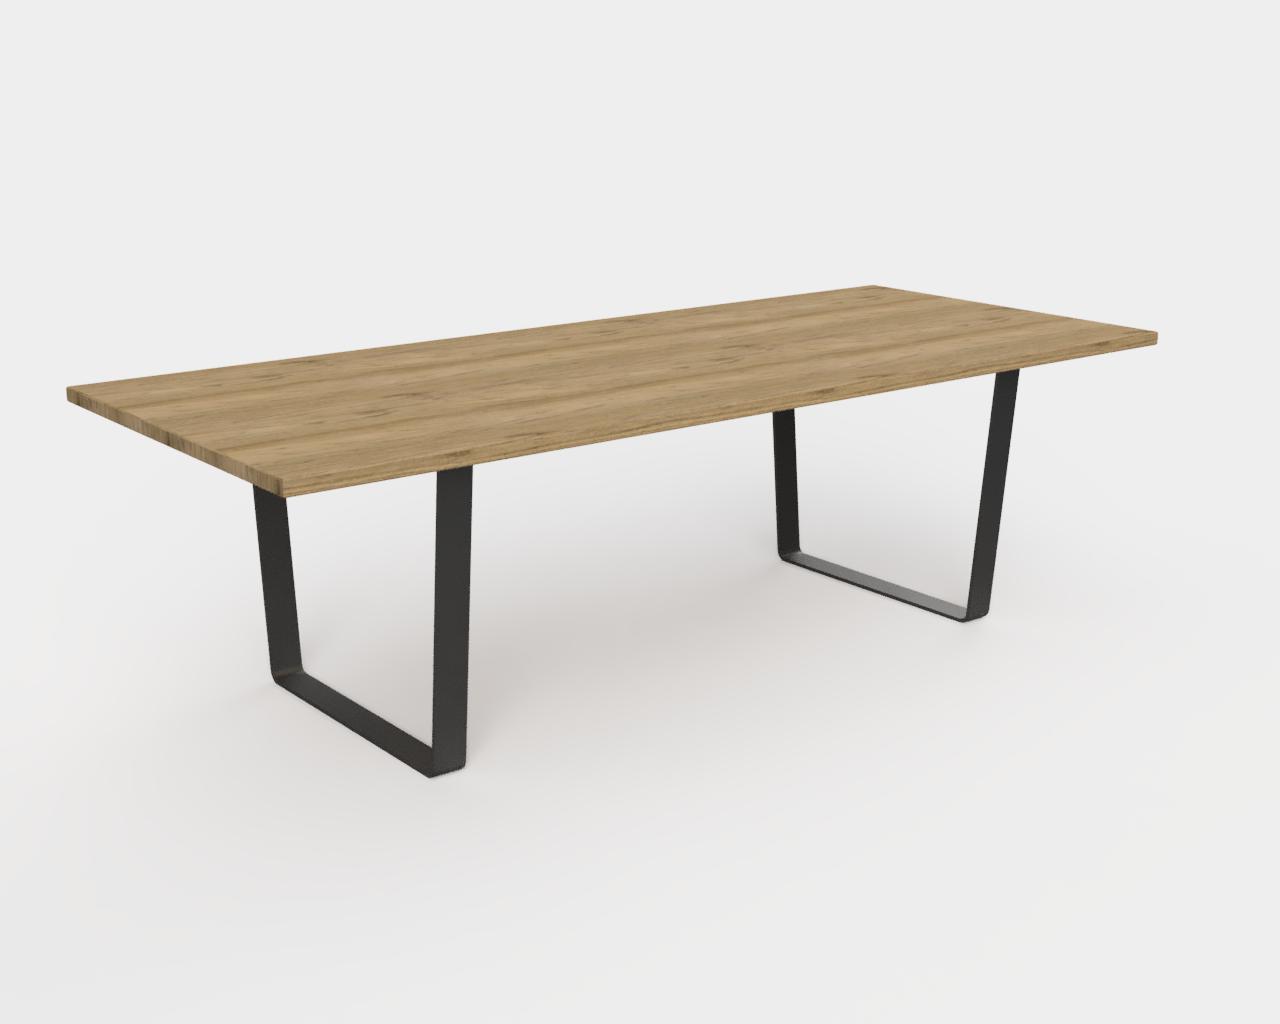 Steel table legs 5